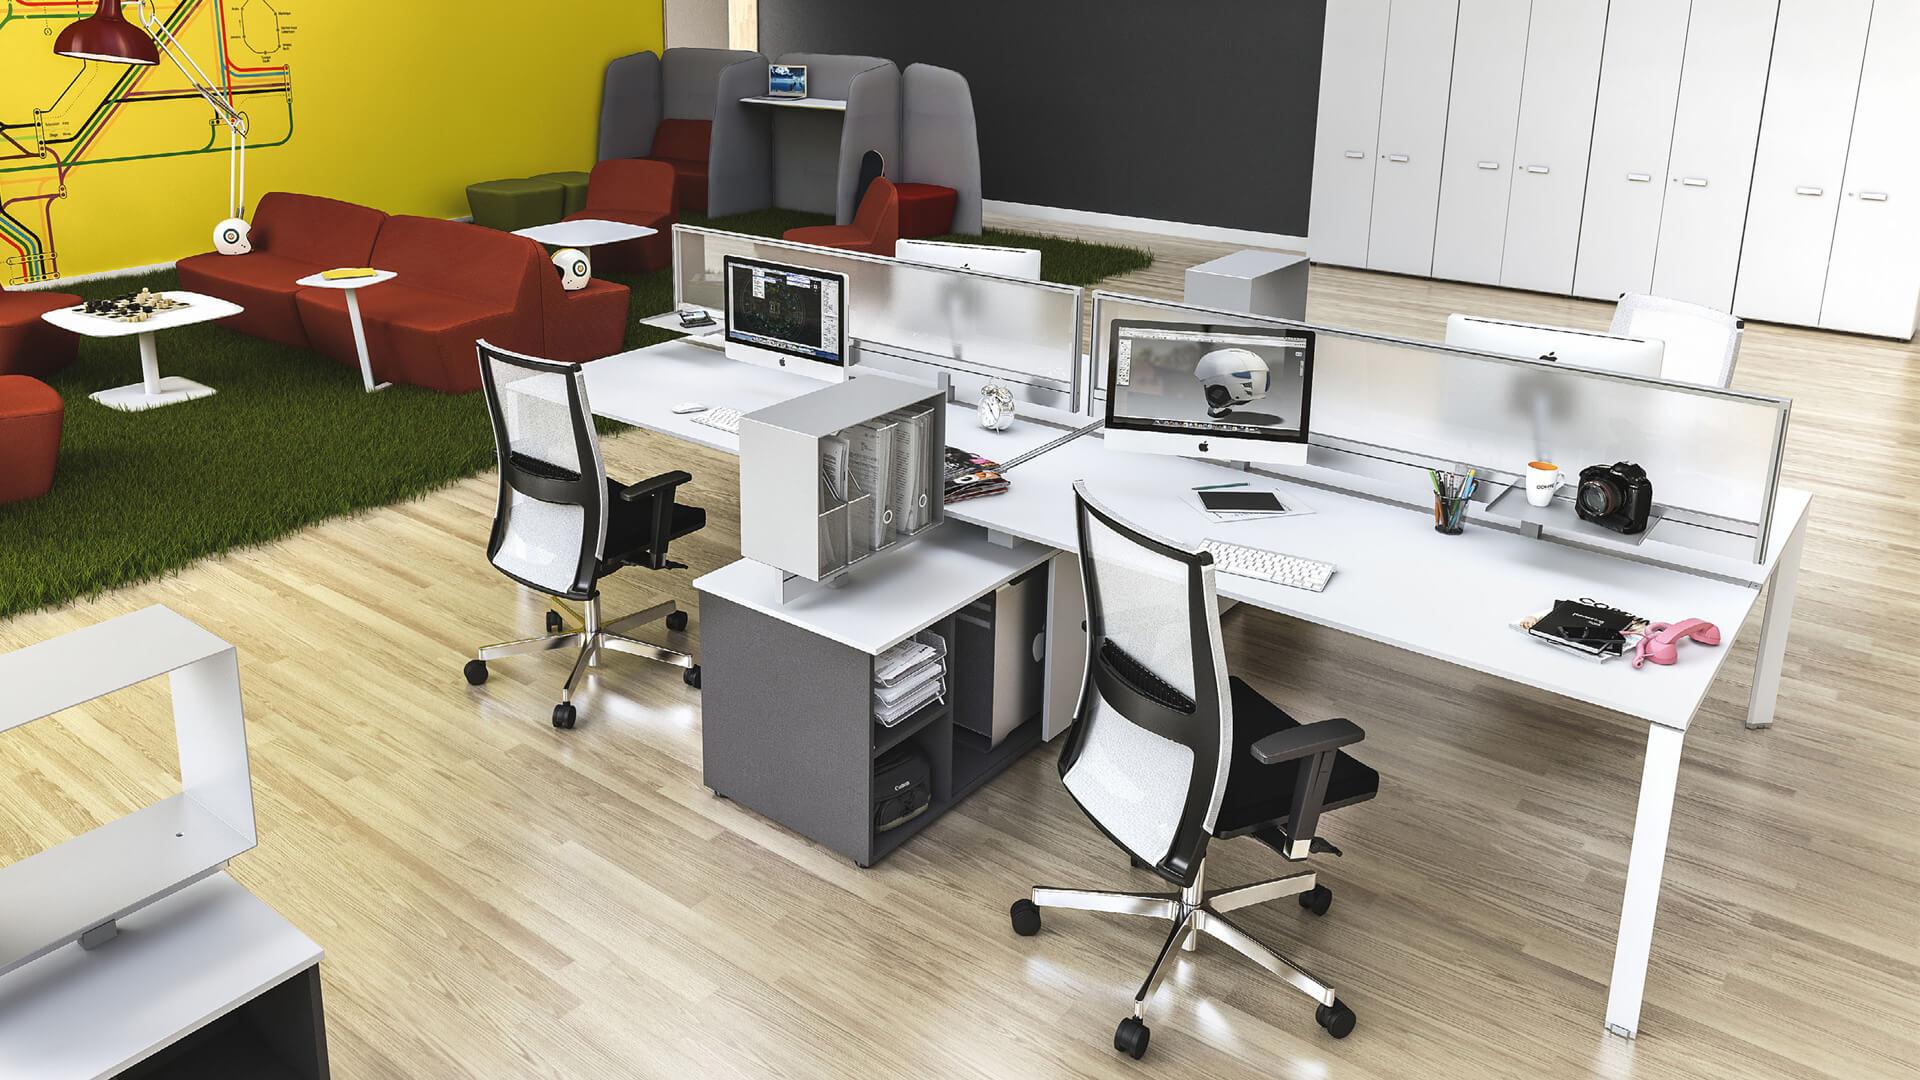 Mobili Per Ufficio Veneto : Arredamento ufficio per verona vicenza padova arredo